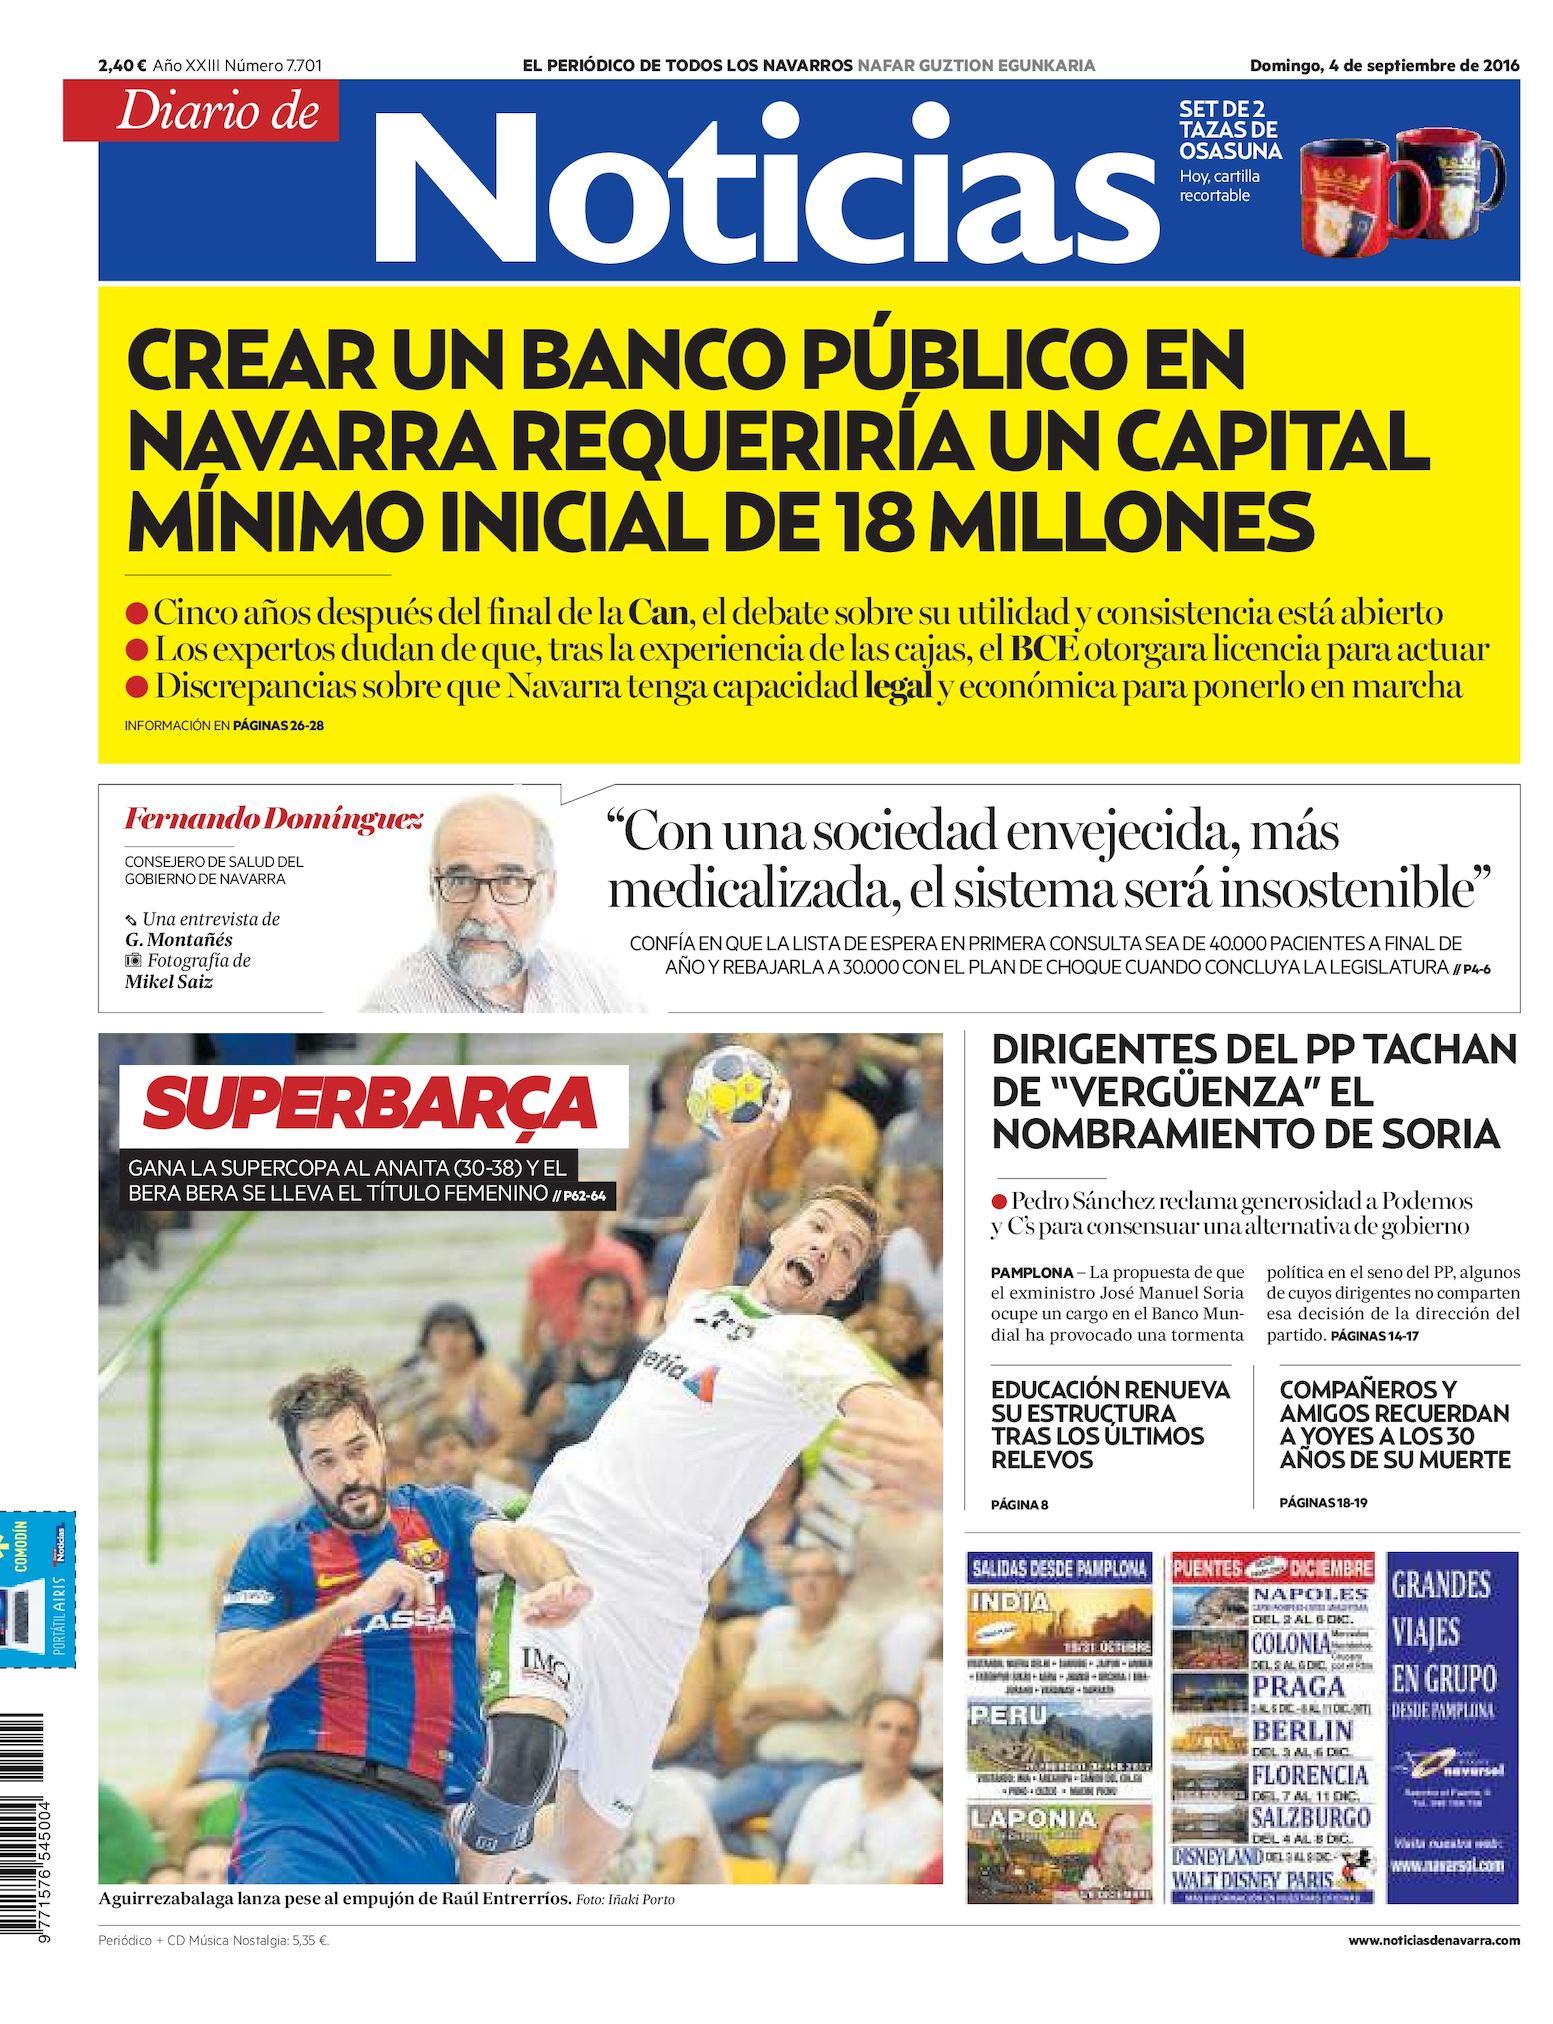 Calaméo - Diario de Noticias 20160904